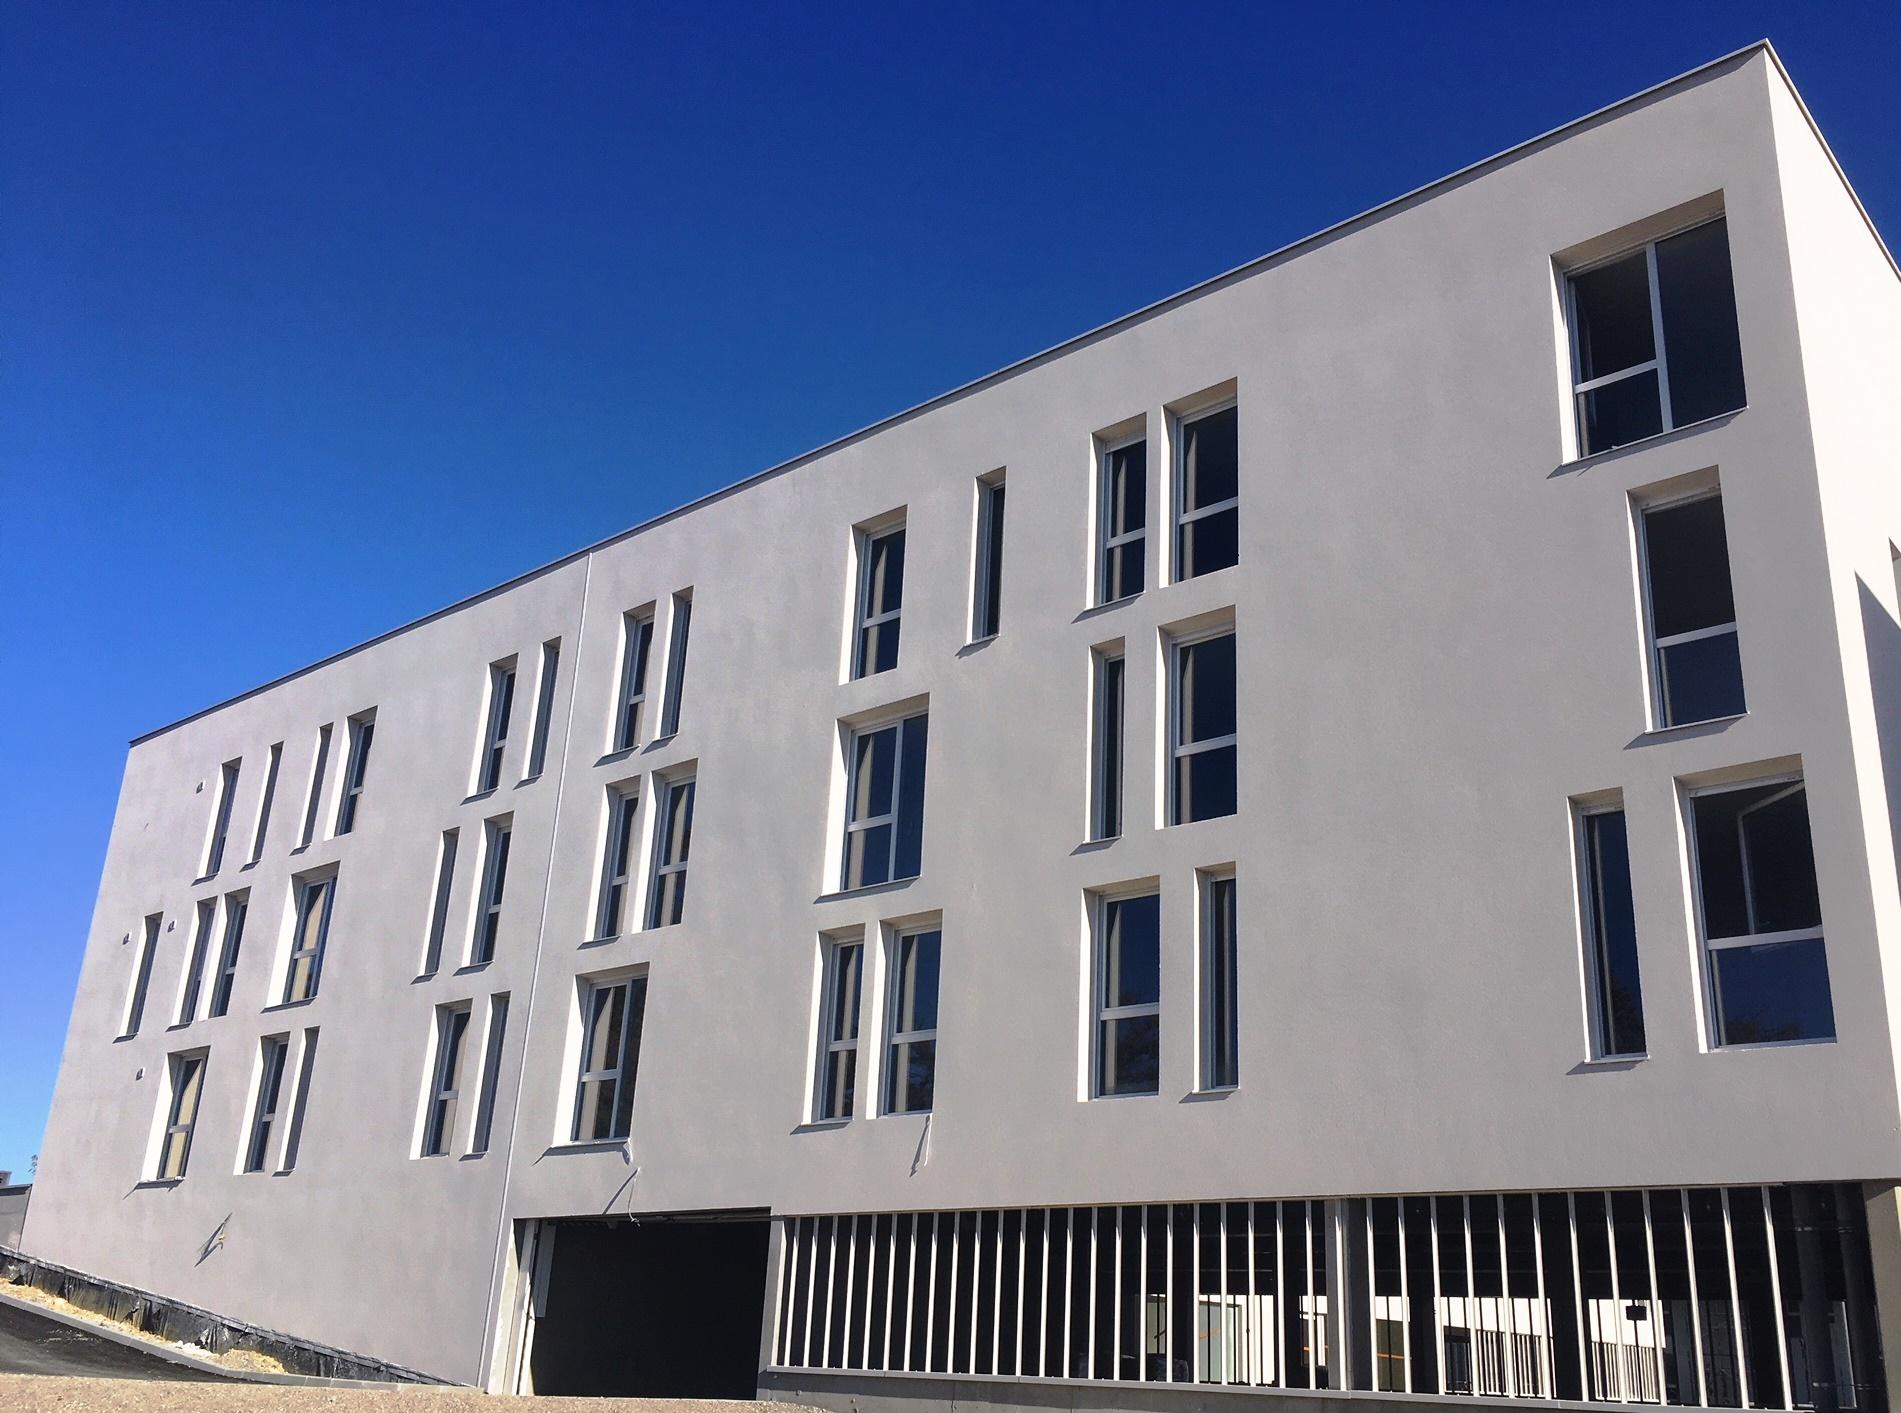 Location ELYADE - LE SKATING - Bordeaux (33300)